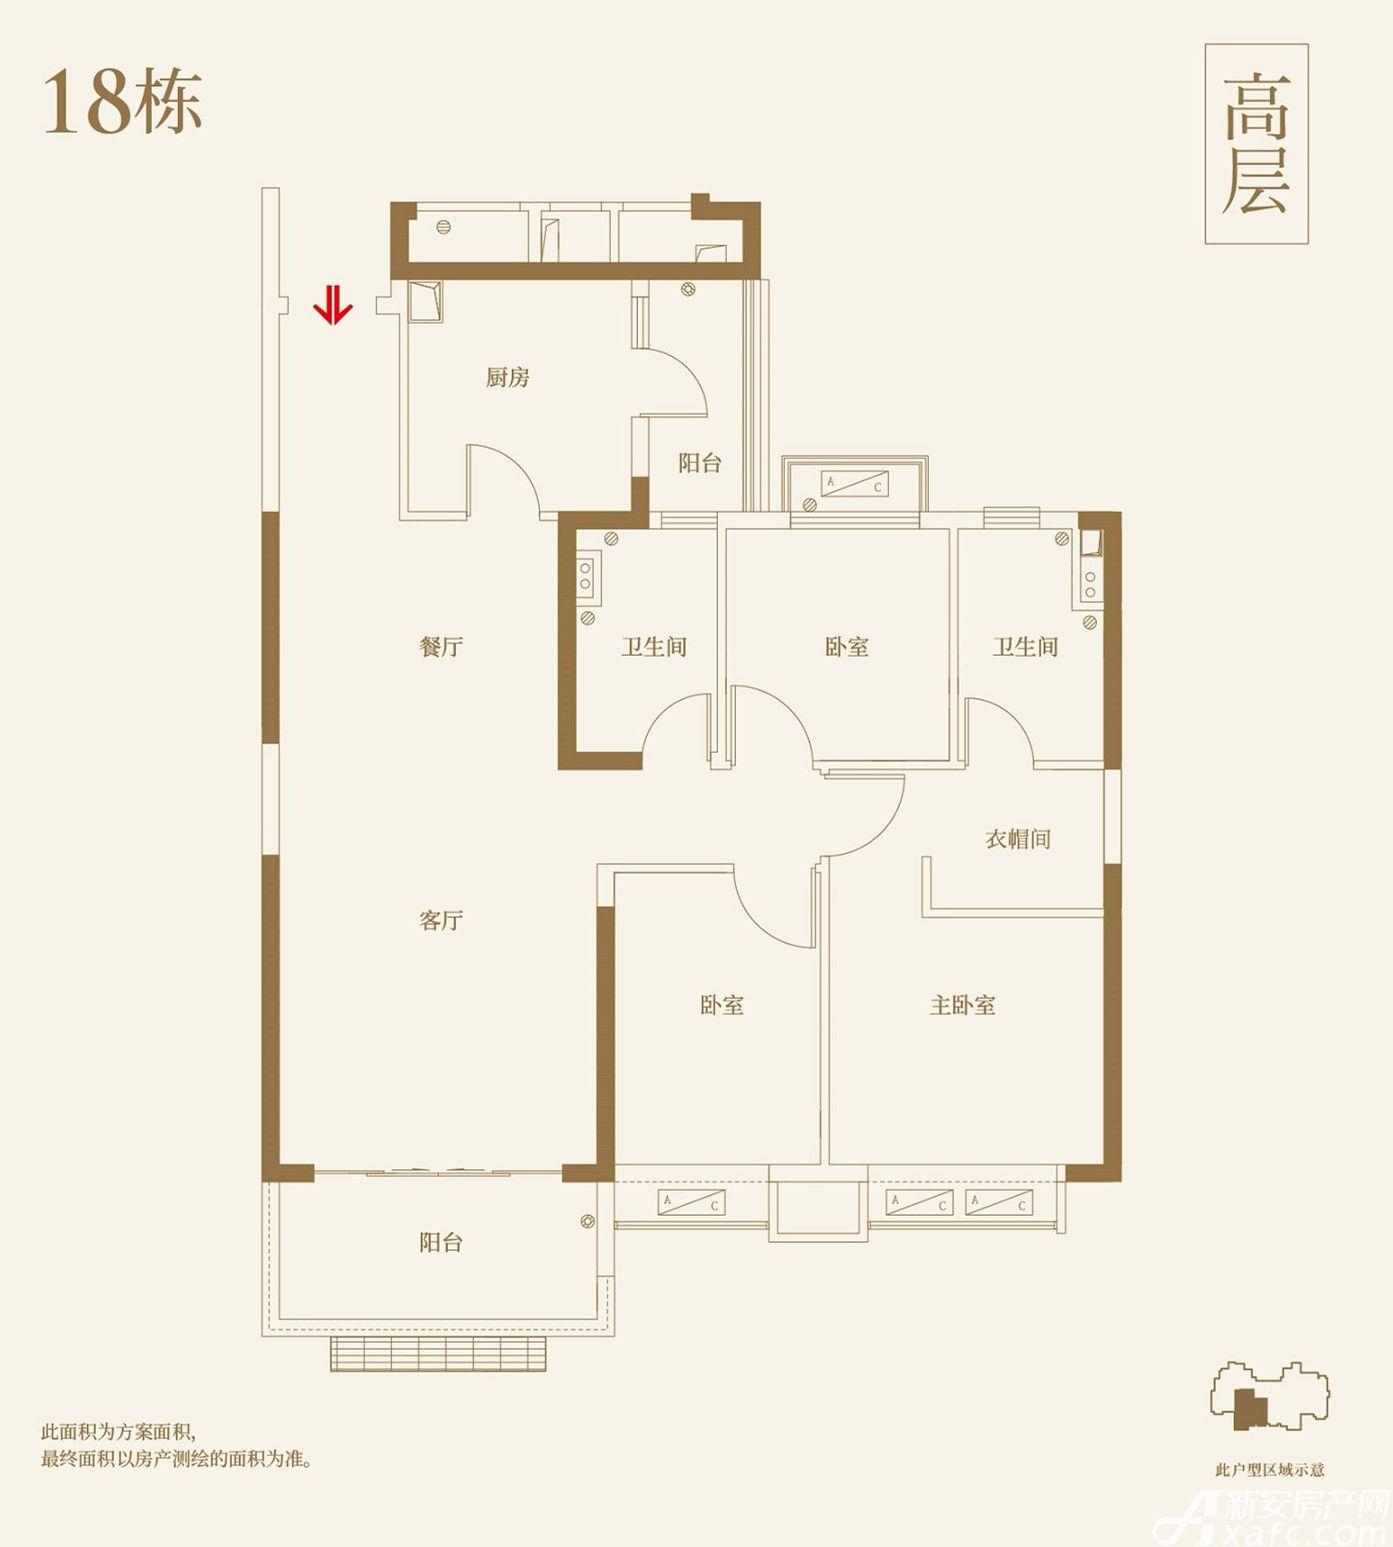 恒大御府18#C3室2厅116.43平米